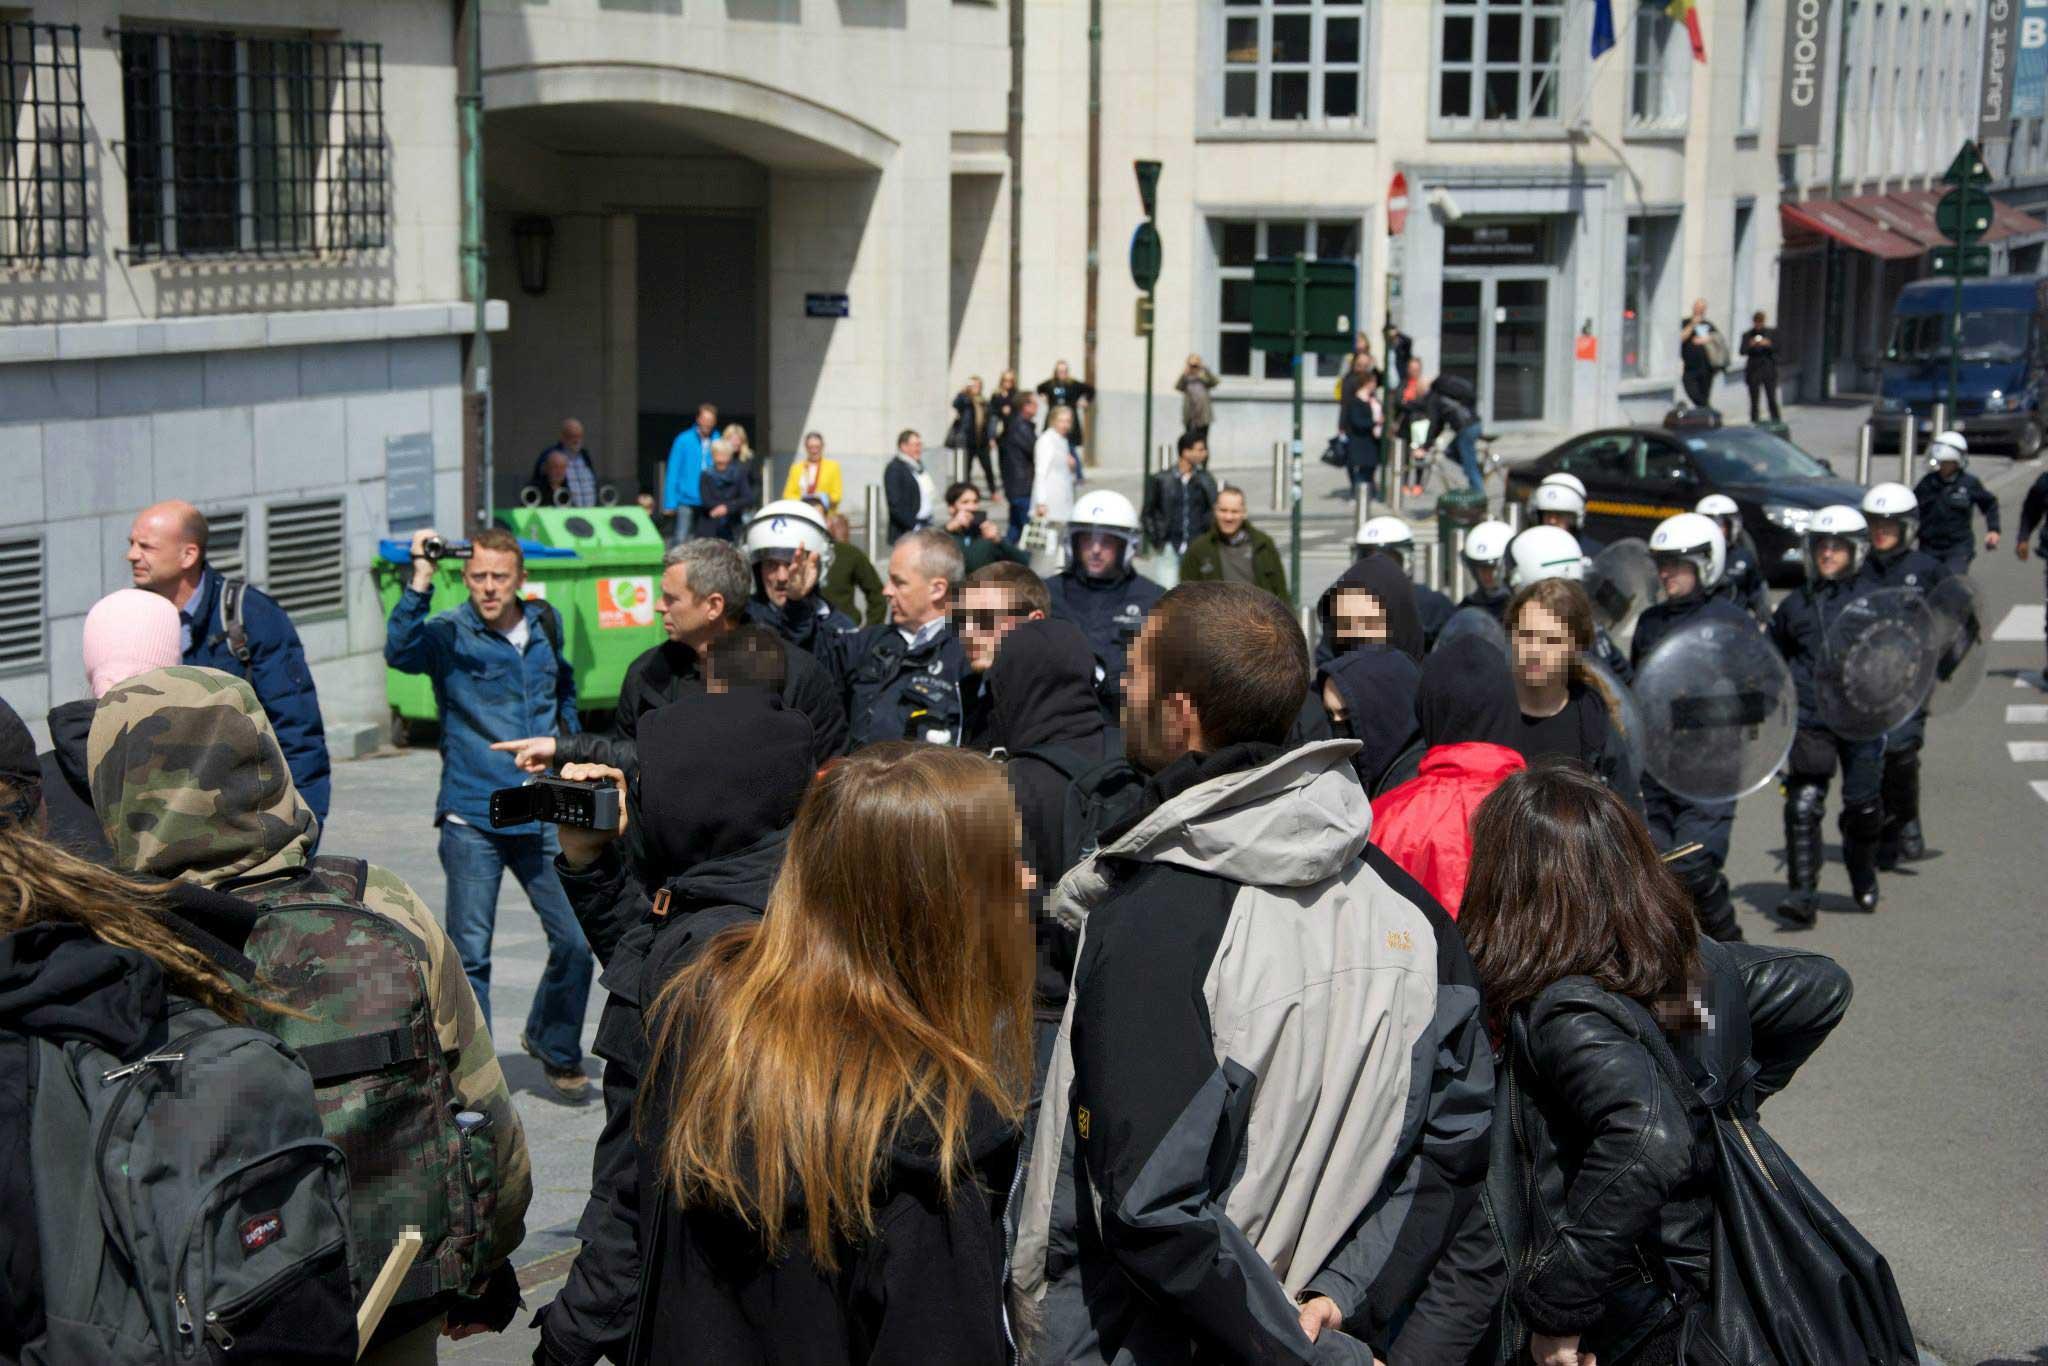 La police anti-émeute au secours des fascistes.